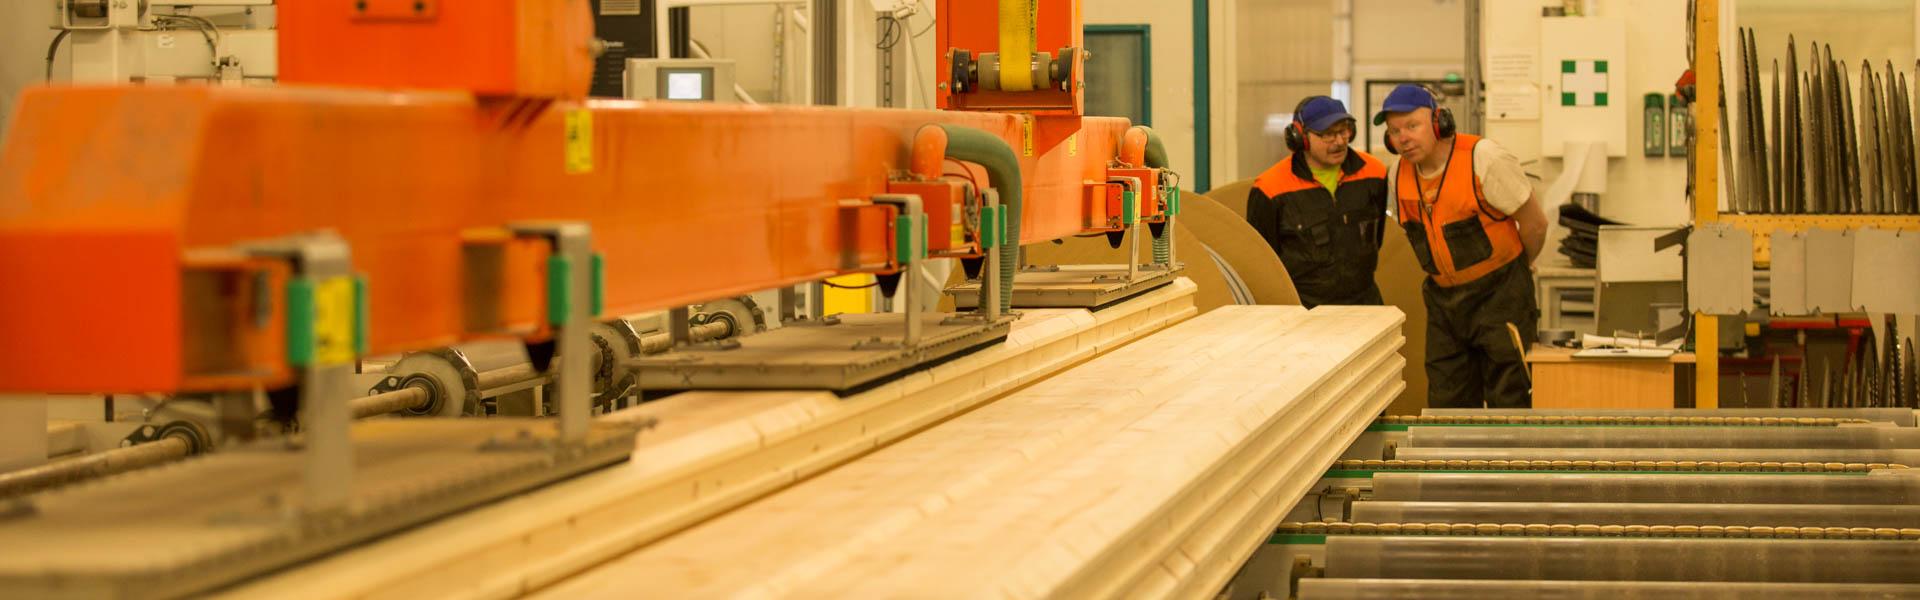 De vervaardiging van een logbouw-woning geschied met moderne apparatuur onder strenge regels en met inachtneming van alle internationale kwaliteitsnormen.